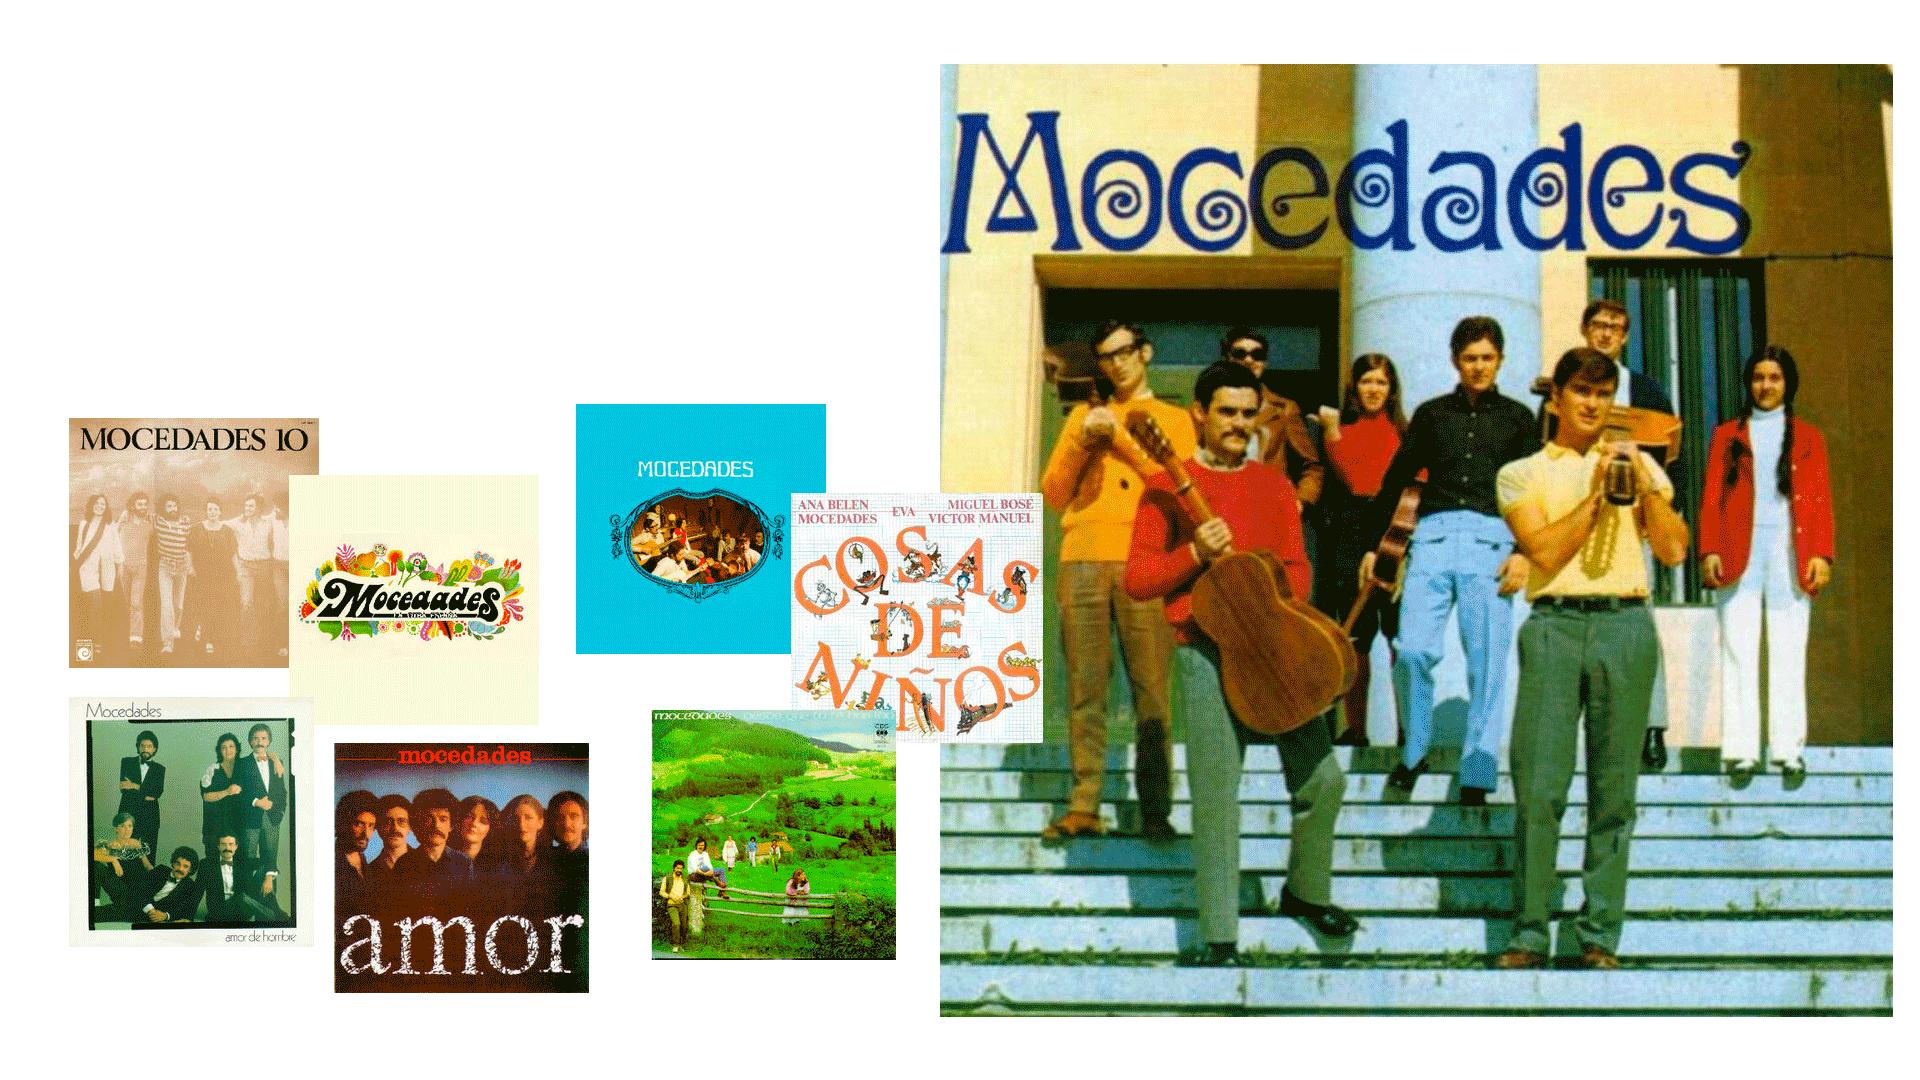 portadas-de-discos-de-mocedades-home02